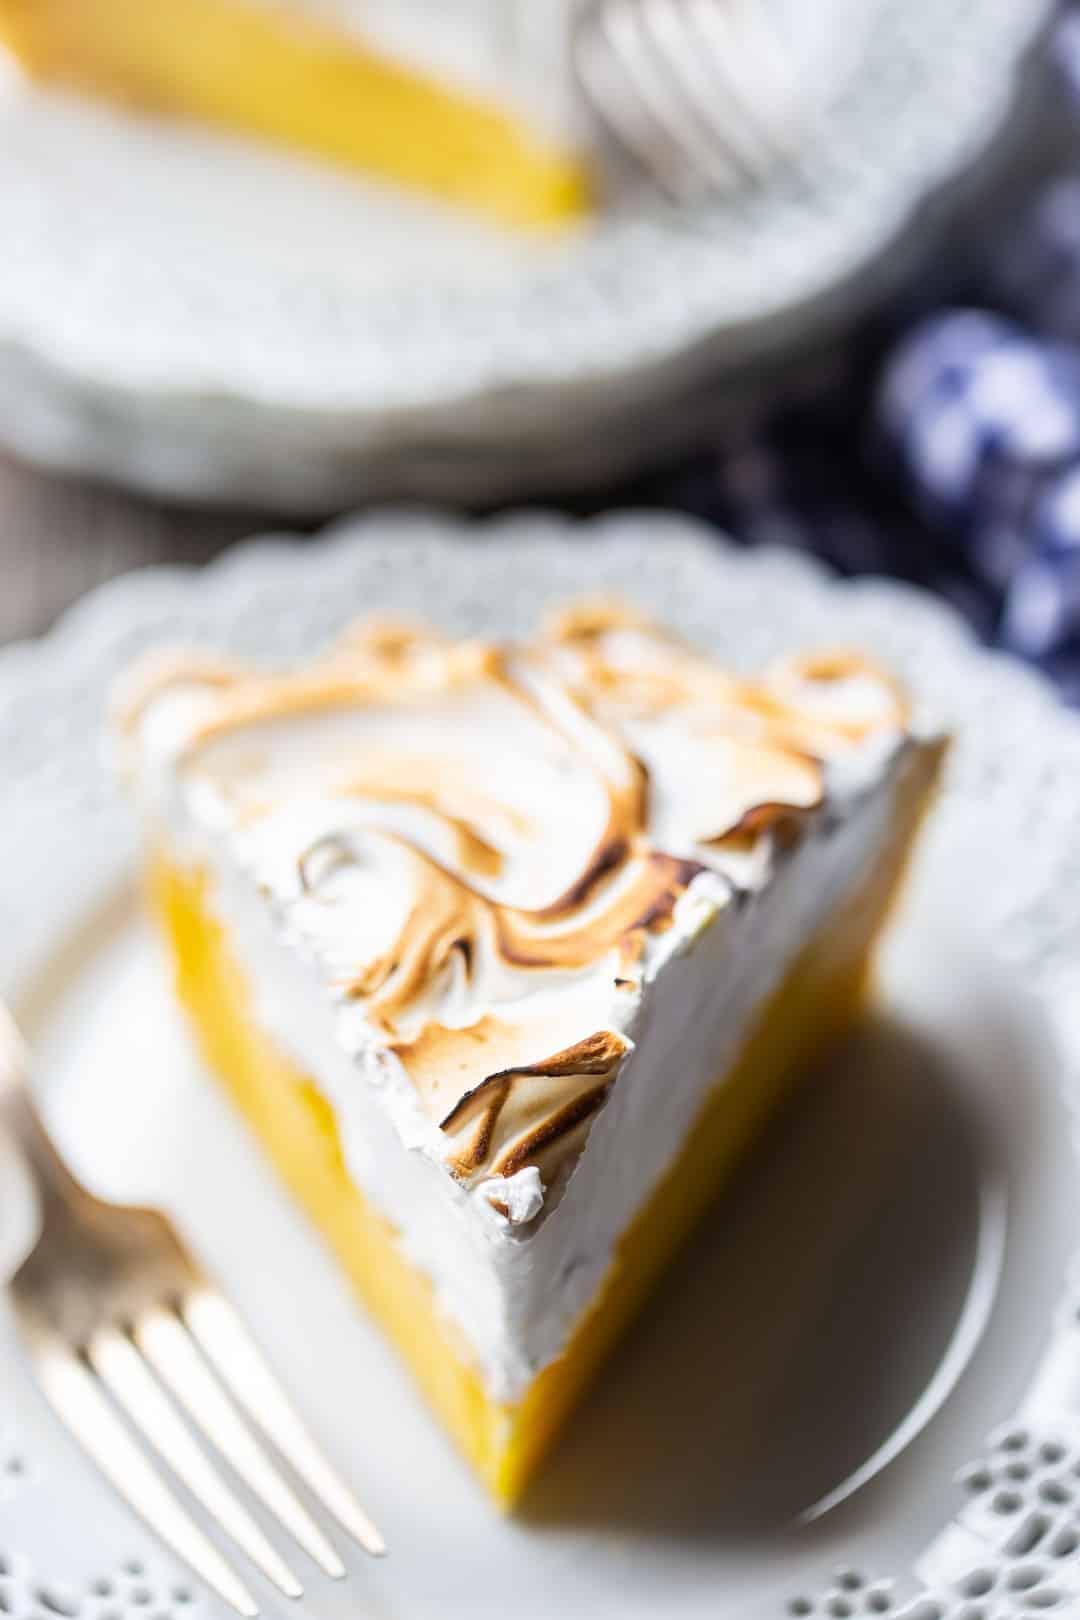 Rebanada de pastel de merengue de limón en un plato con un paño azul a cuadros.